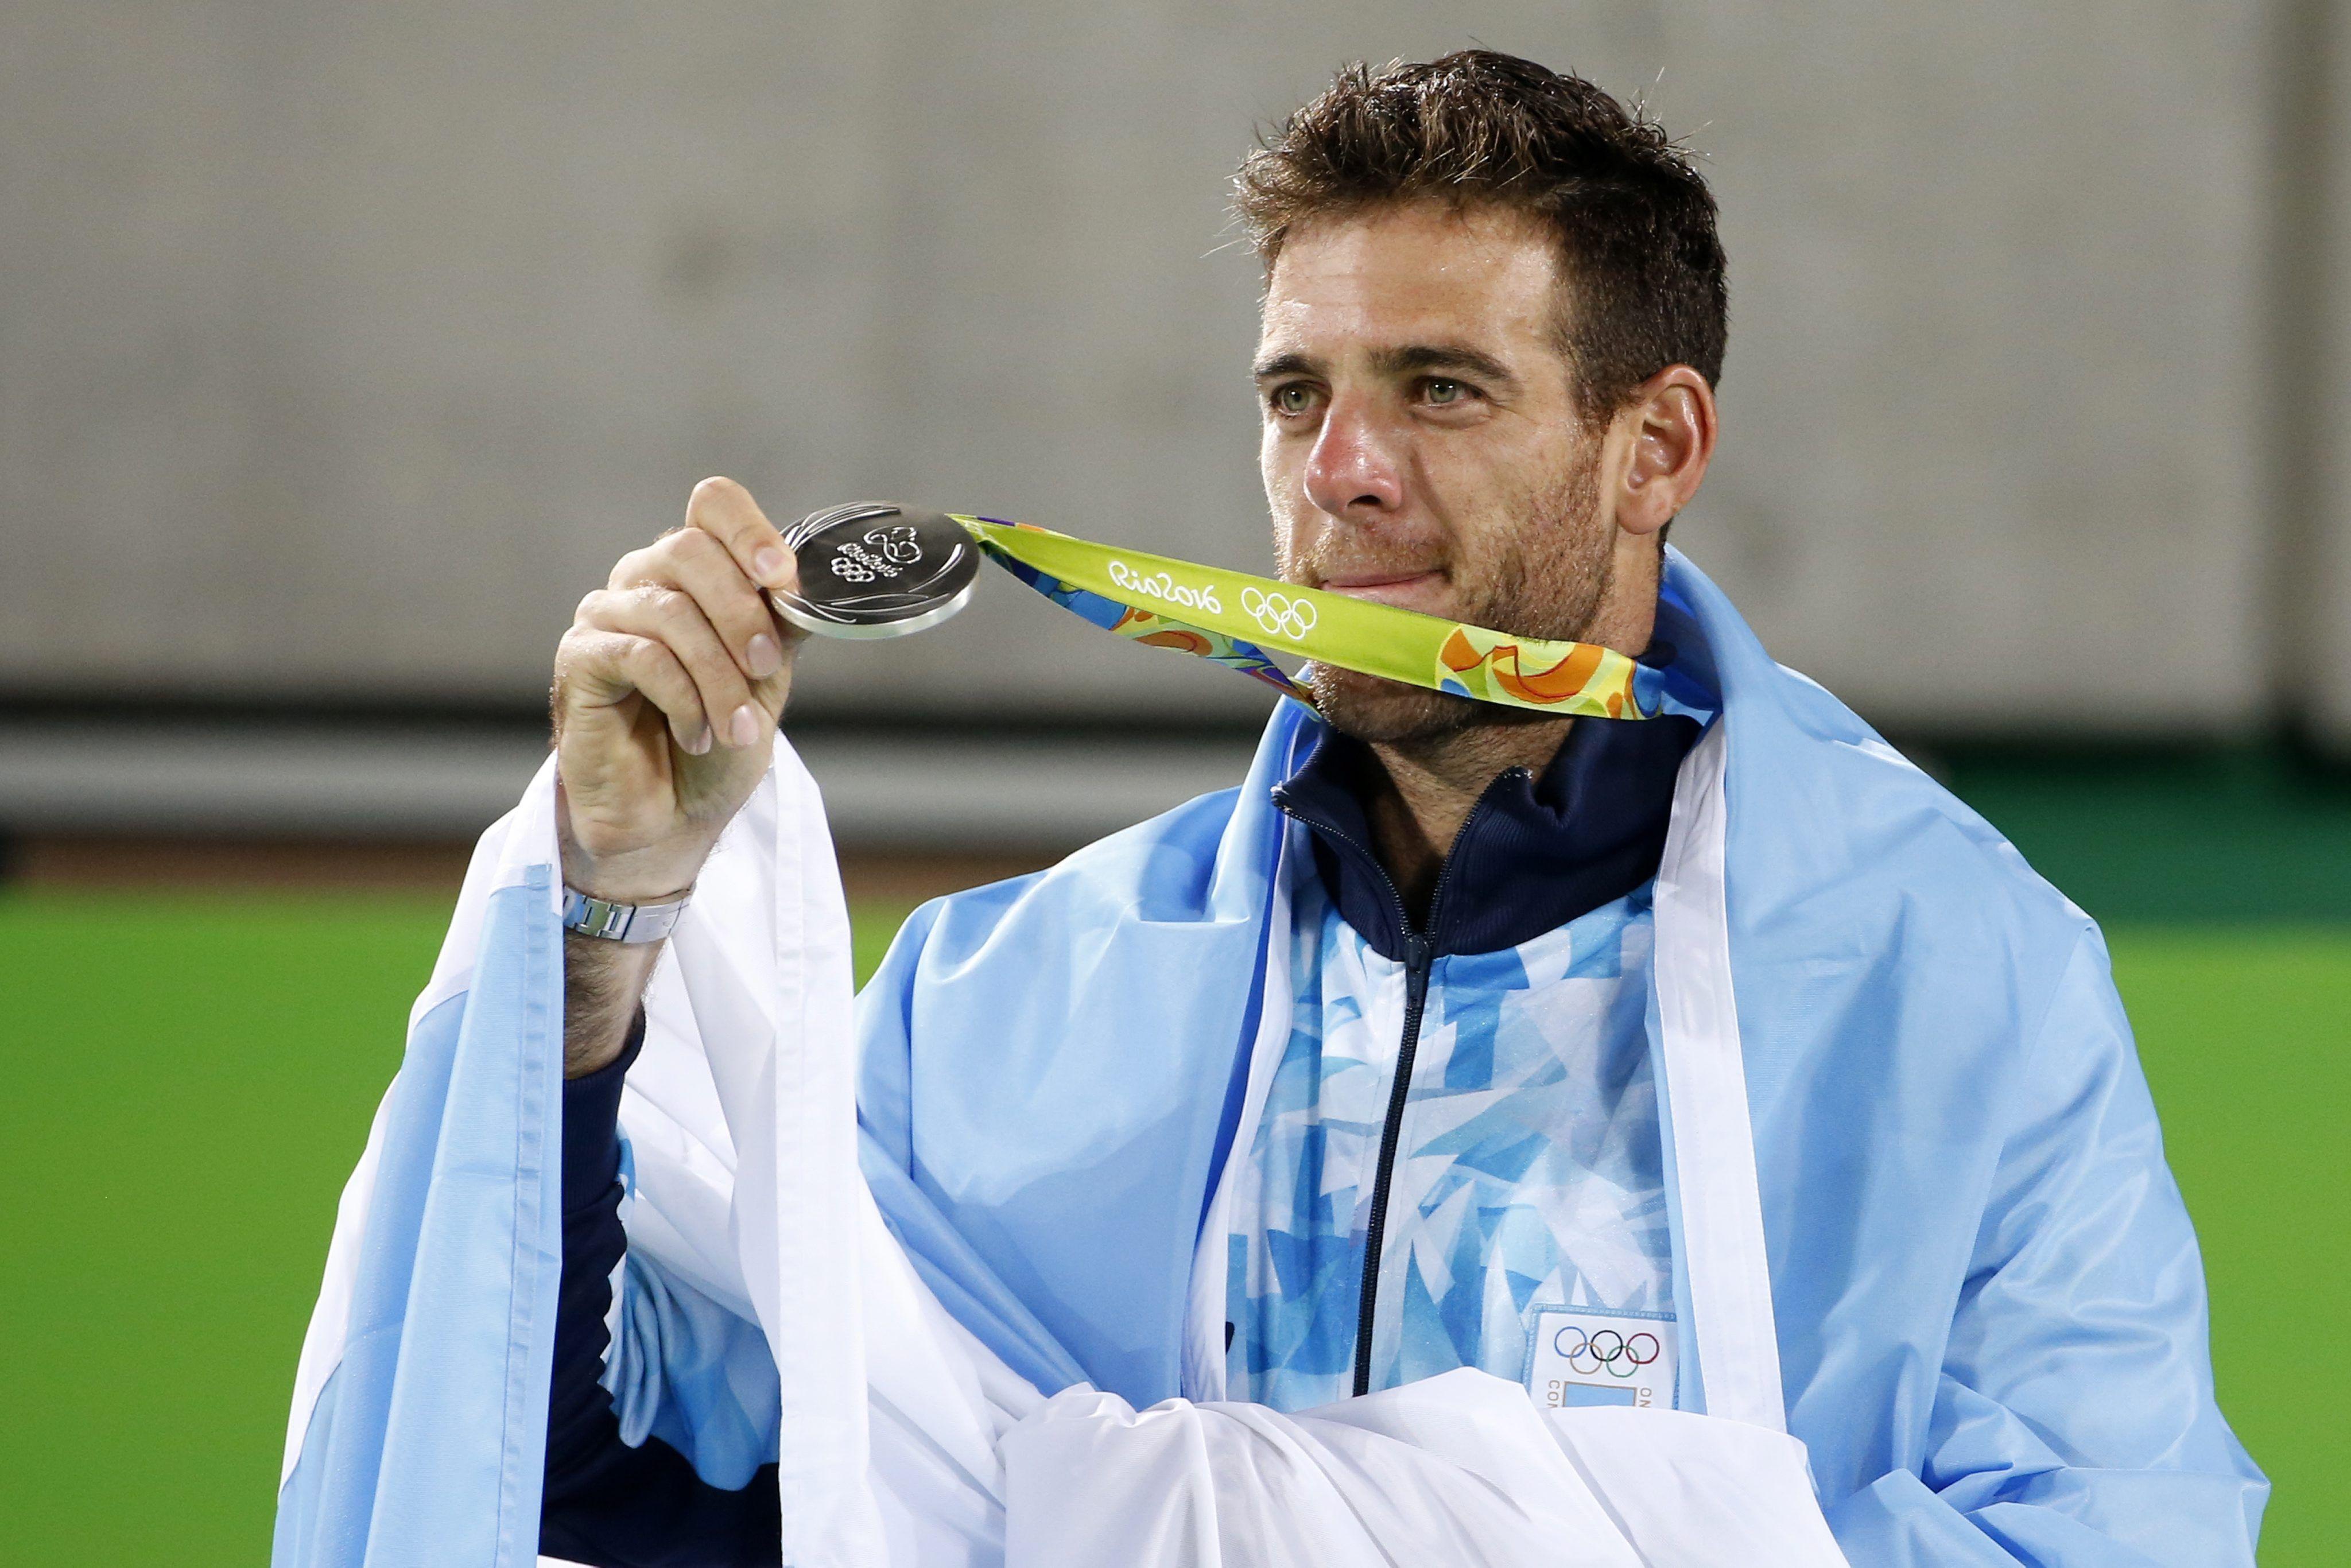 Tras la plata de Del Potro, ¿cómo quedó Argentina en el medallero?